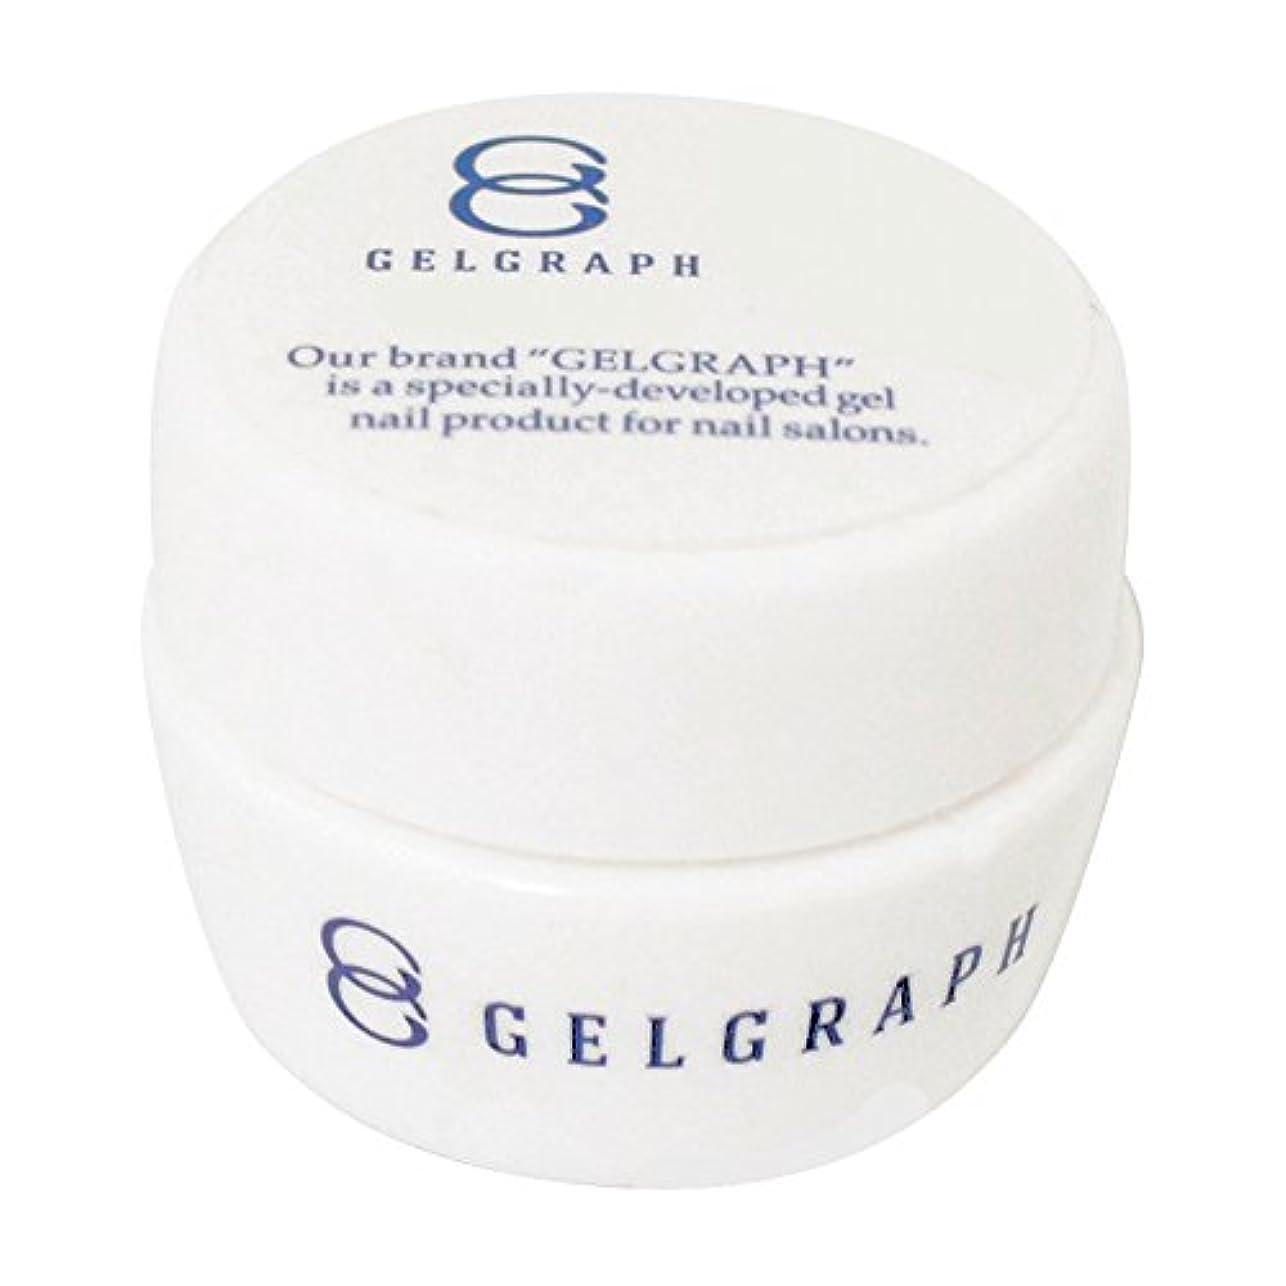 あらゆる種類の置くためにパック優雅GELGRAPH カラージェル 084N スコーピオン 5g UV/LED対応 ソークオフジェル